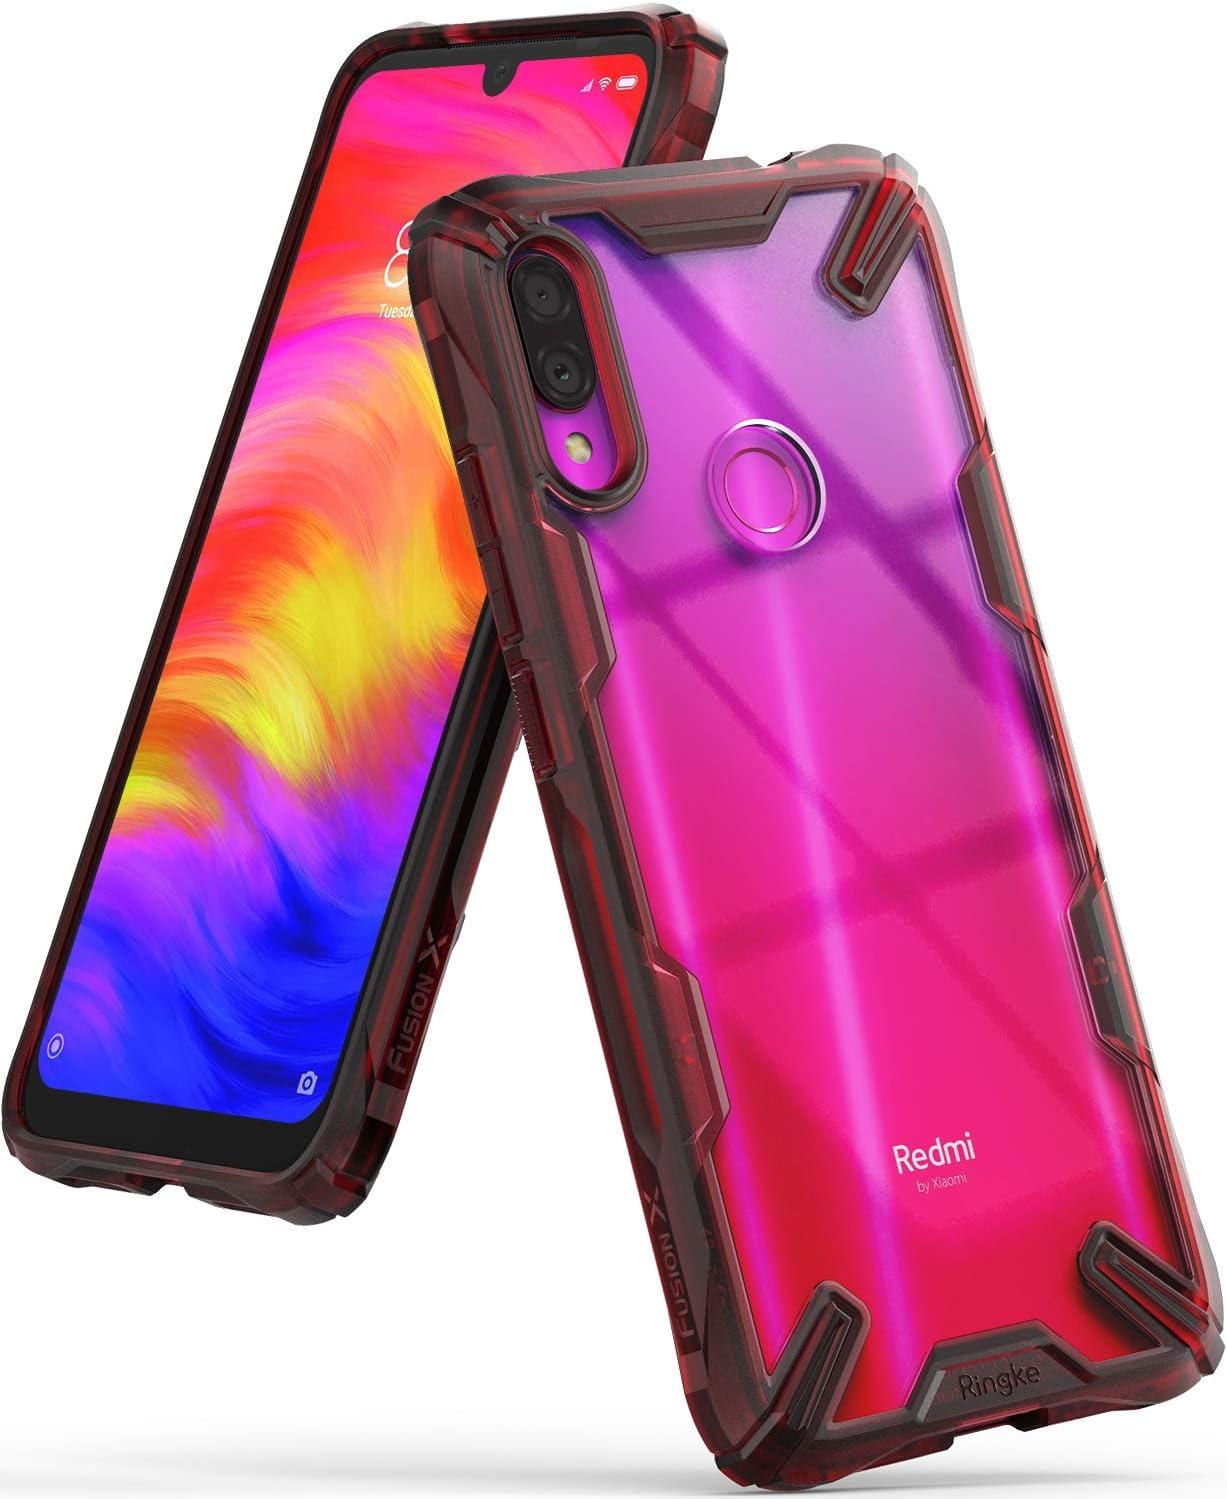 Ringke Fusion-X Diseñado para Funda Redmi Note 7, Funda Redmi Note 7 Pro Protección Resistente Impactos Carcasa para Xiaomi Redmi Note 7, Xiaomi Redmi Note 7 Pro (2019) - Ruby Red